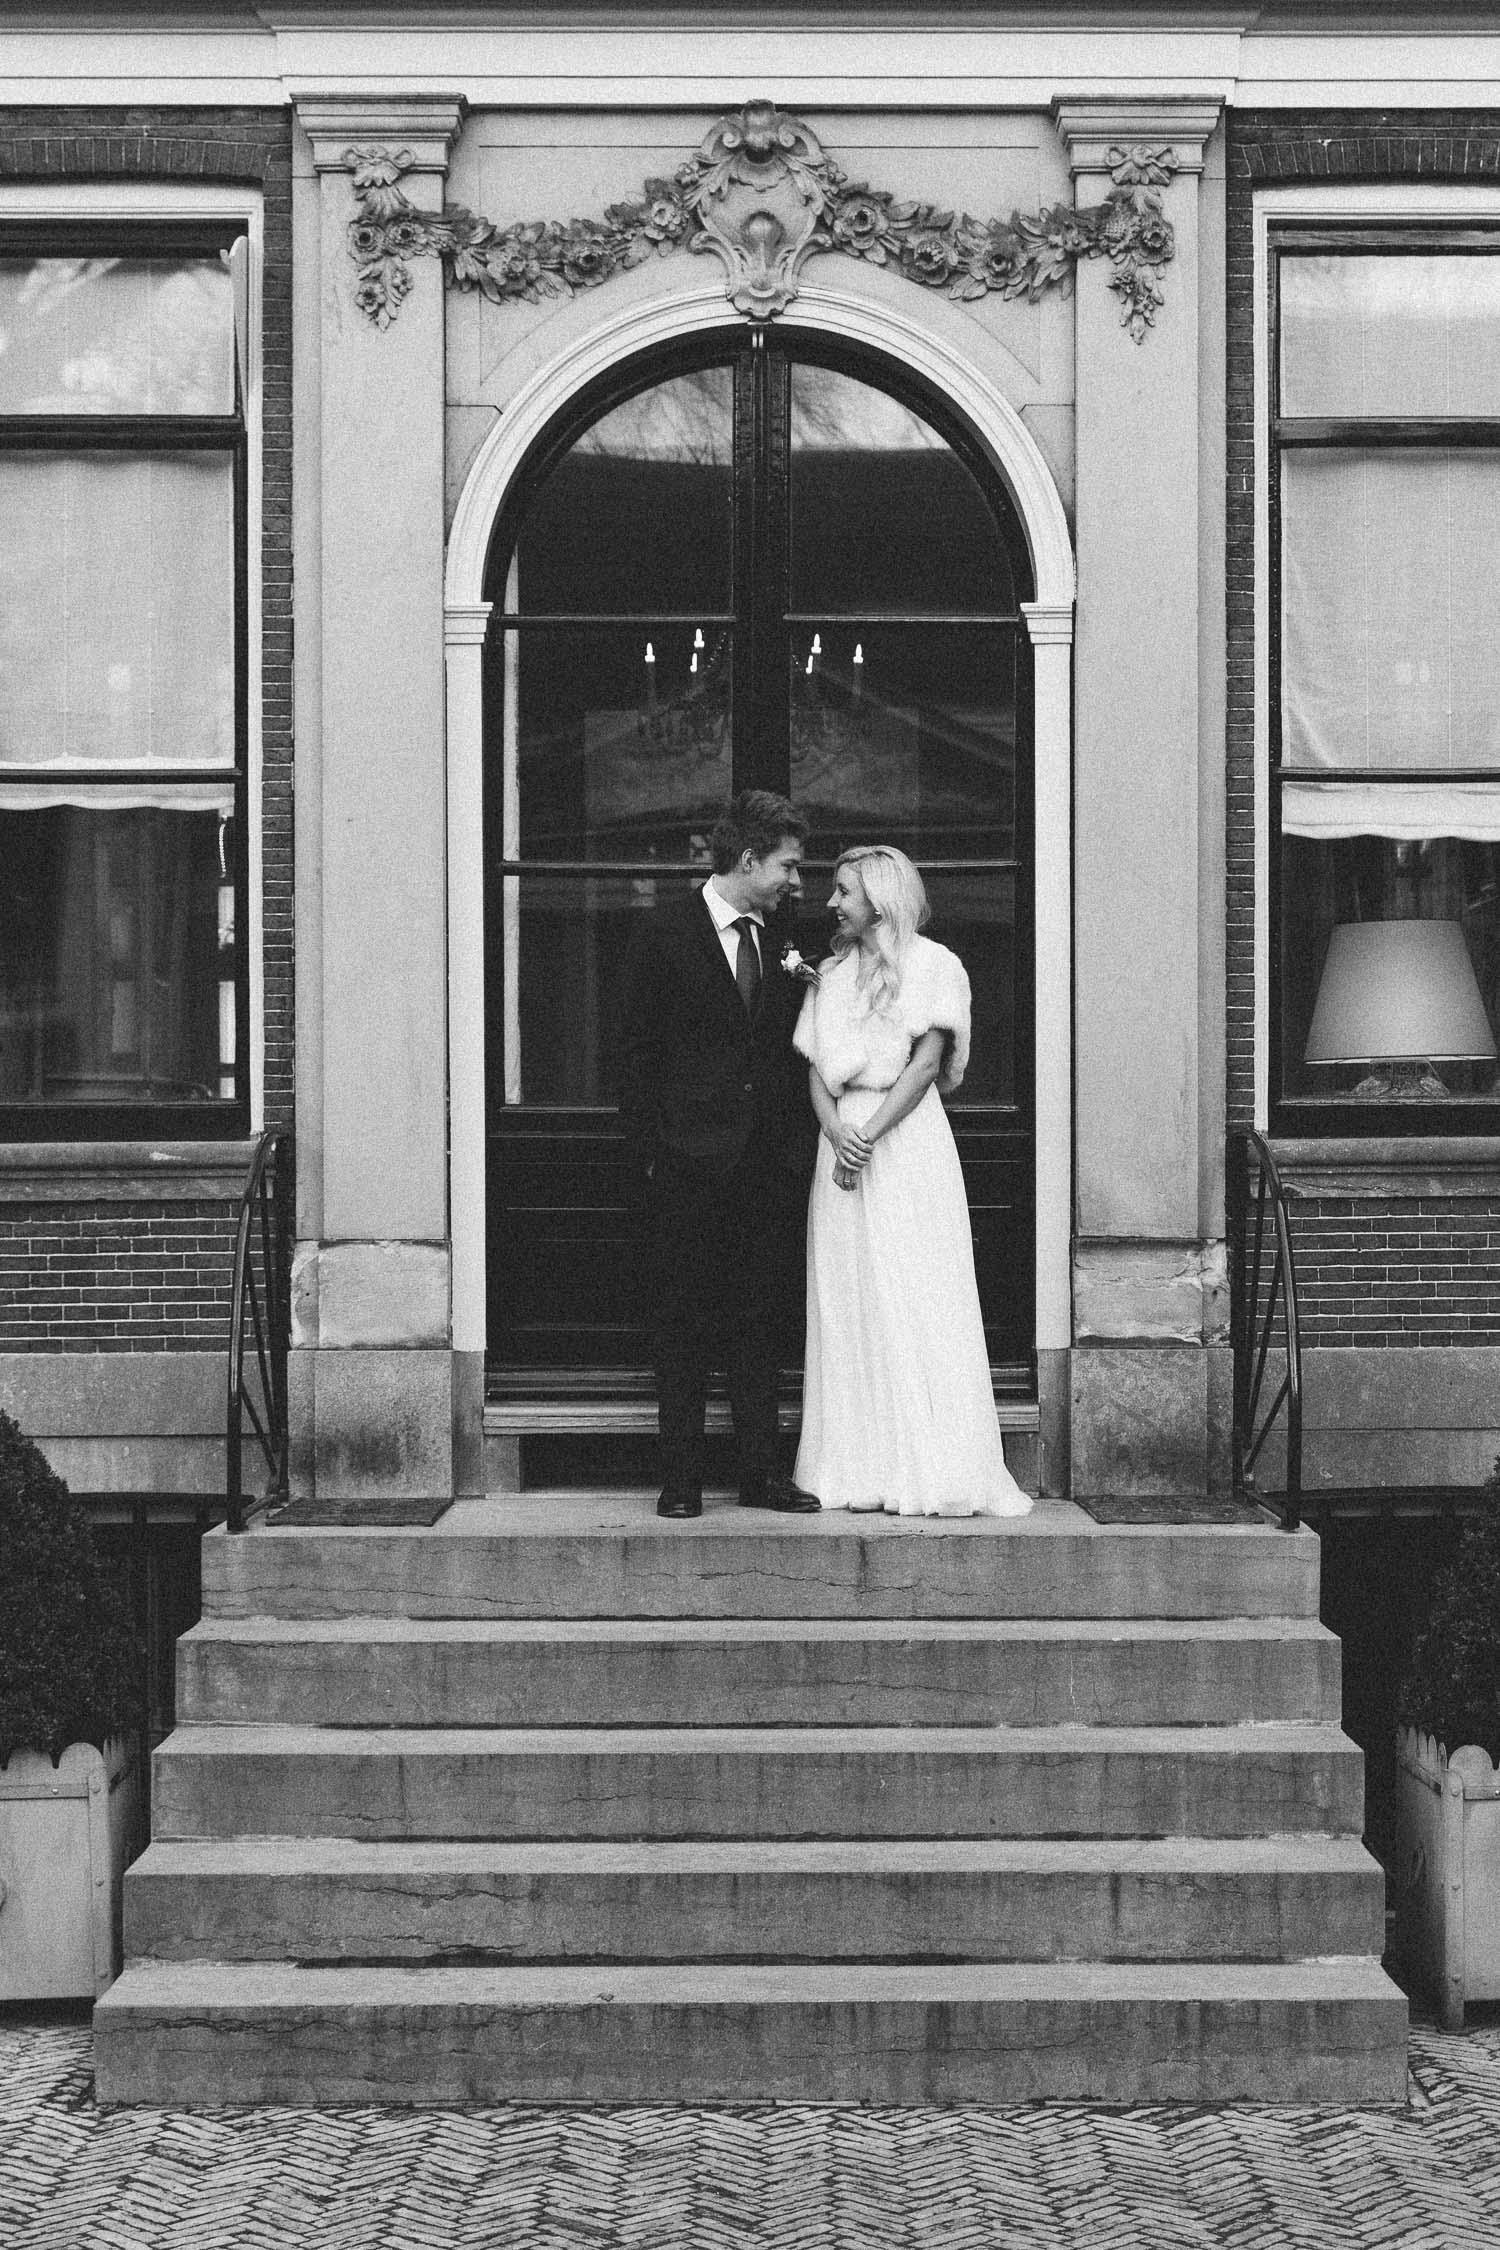 Wedding-huwelijk-trouwen-bruiloft-photography-fotografie-fotograaf-Van-Loon-Museum-by-On-a-hazy-morning-Amsterdam-20.jpg